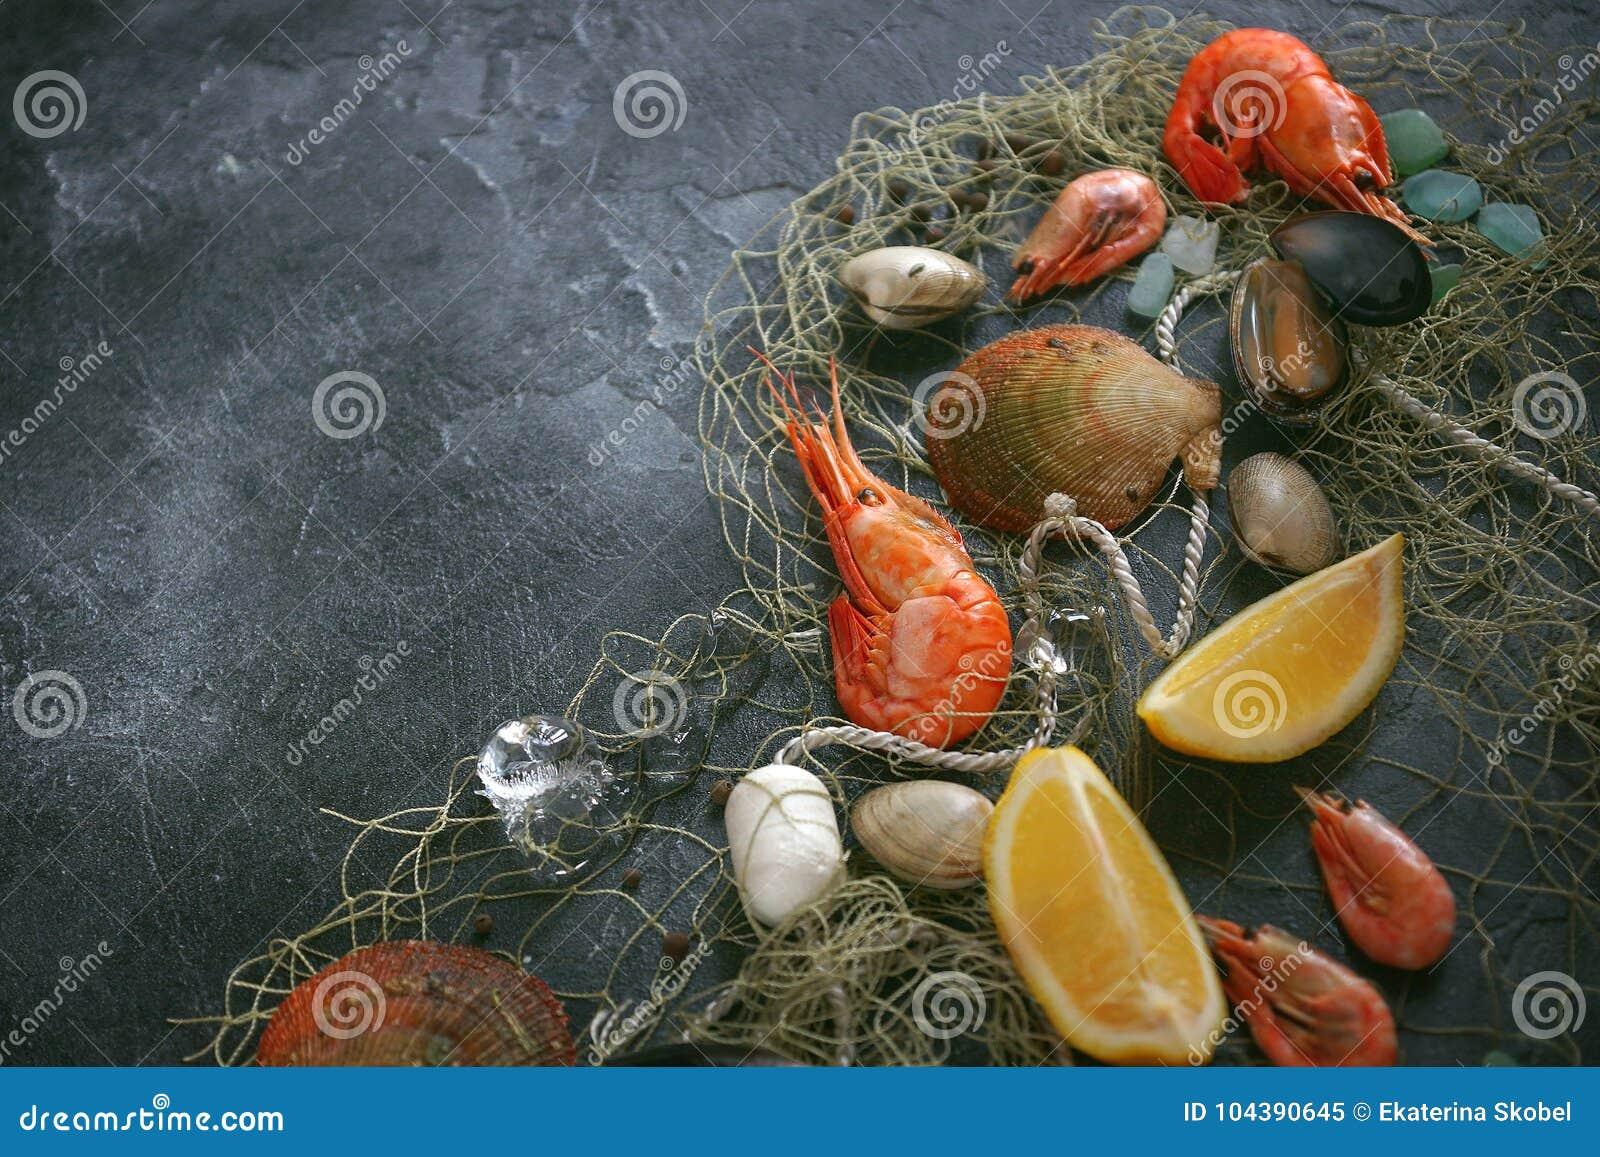 Skaldjur på en mörk bakgrund, räkor, musslor, musslor på den svarta stenen, kopieringsutrymme